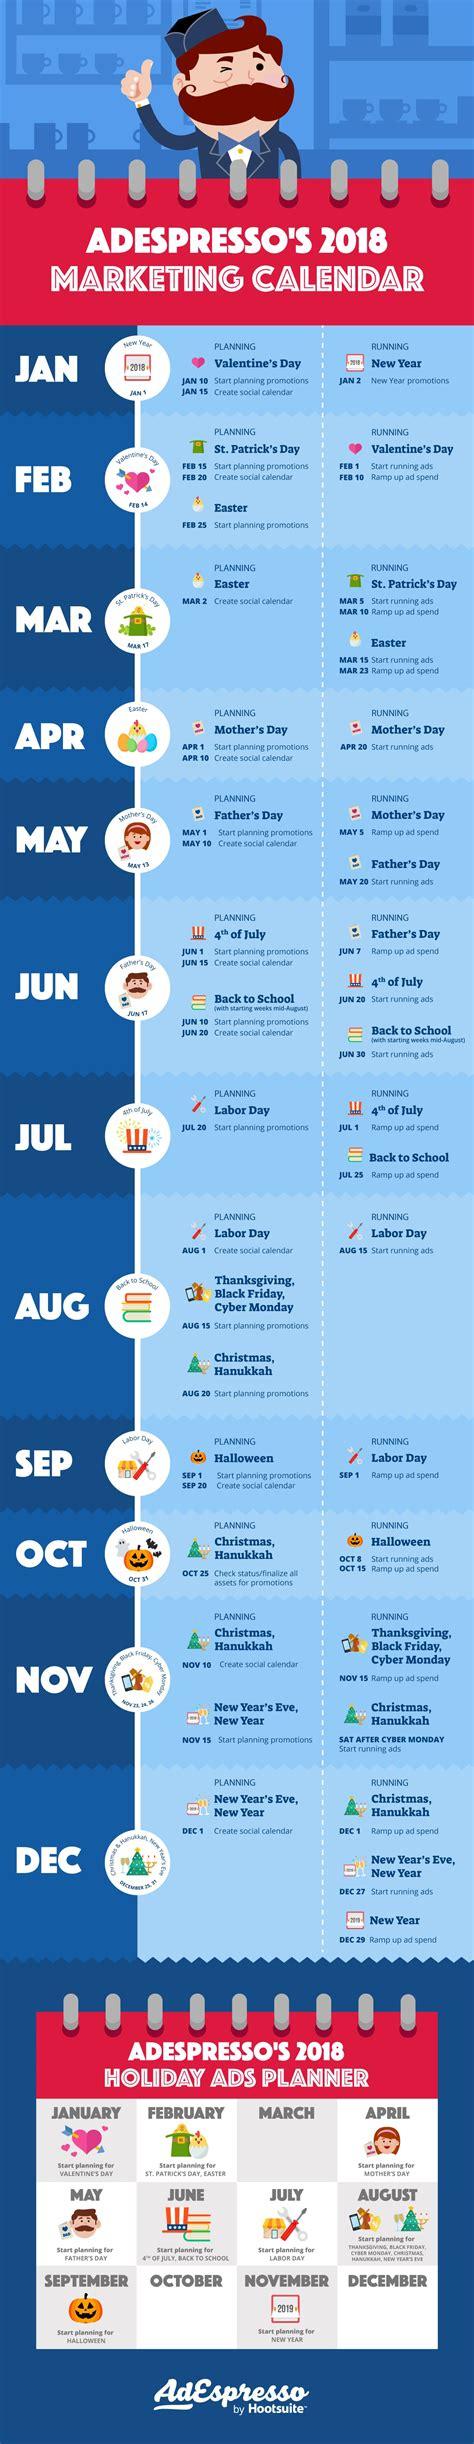 how to make a marketing calendar how to create a marketing calendar for 2018 take it